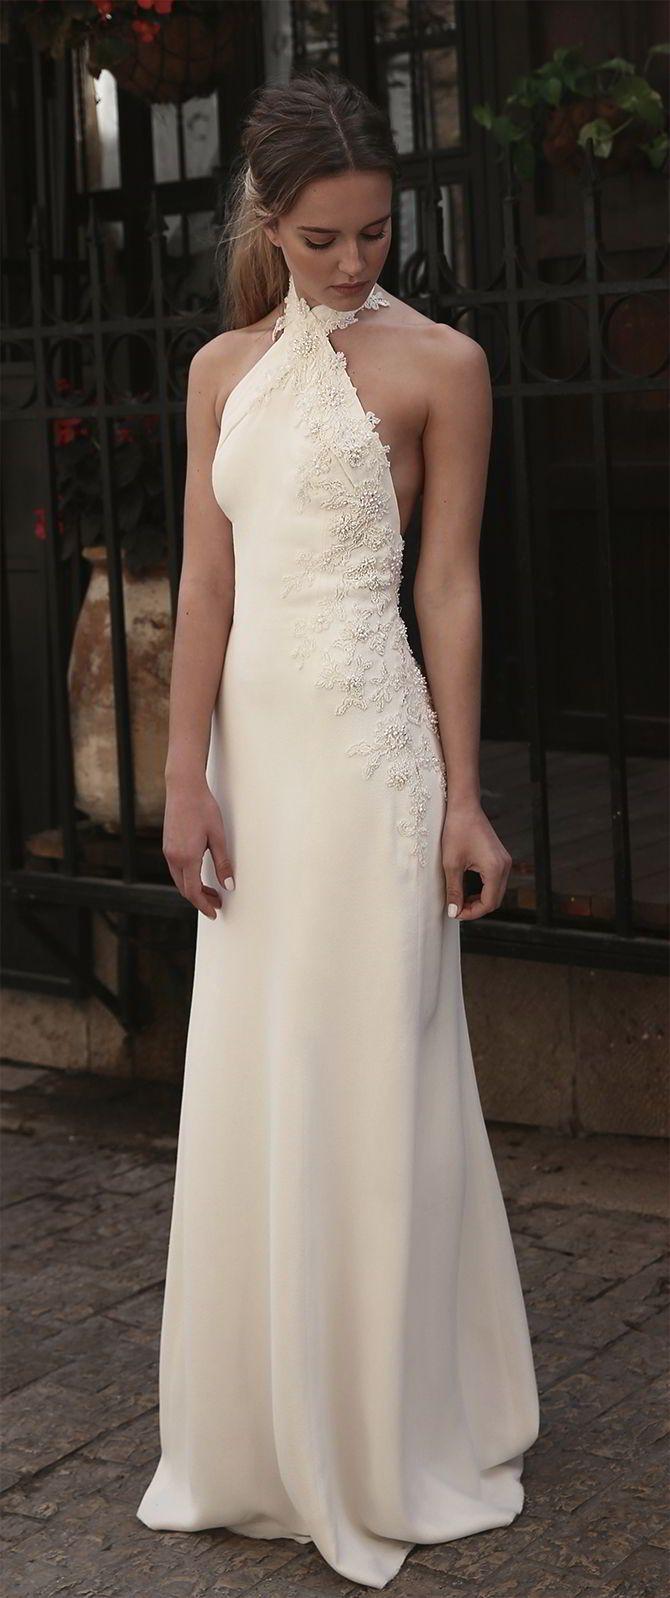 Rinat shacham summer bridal collection vestidos de encaje